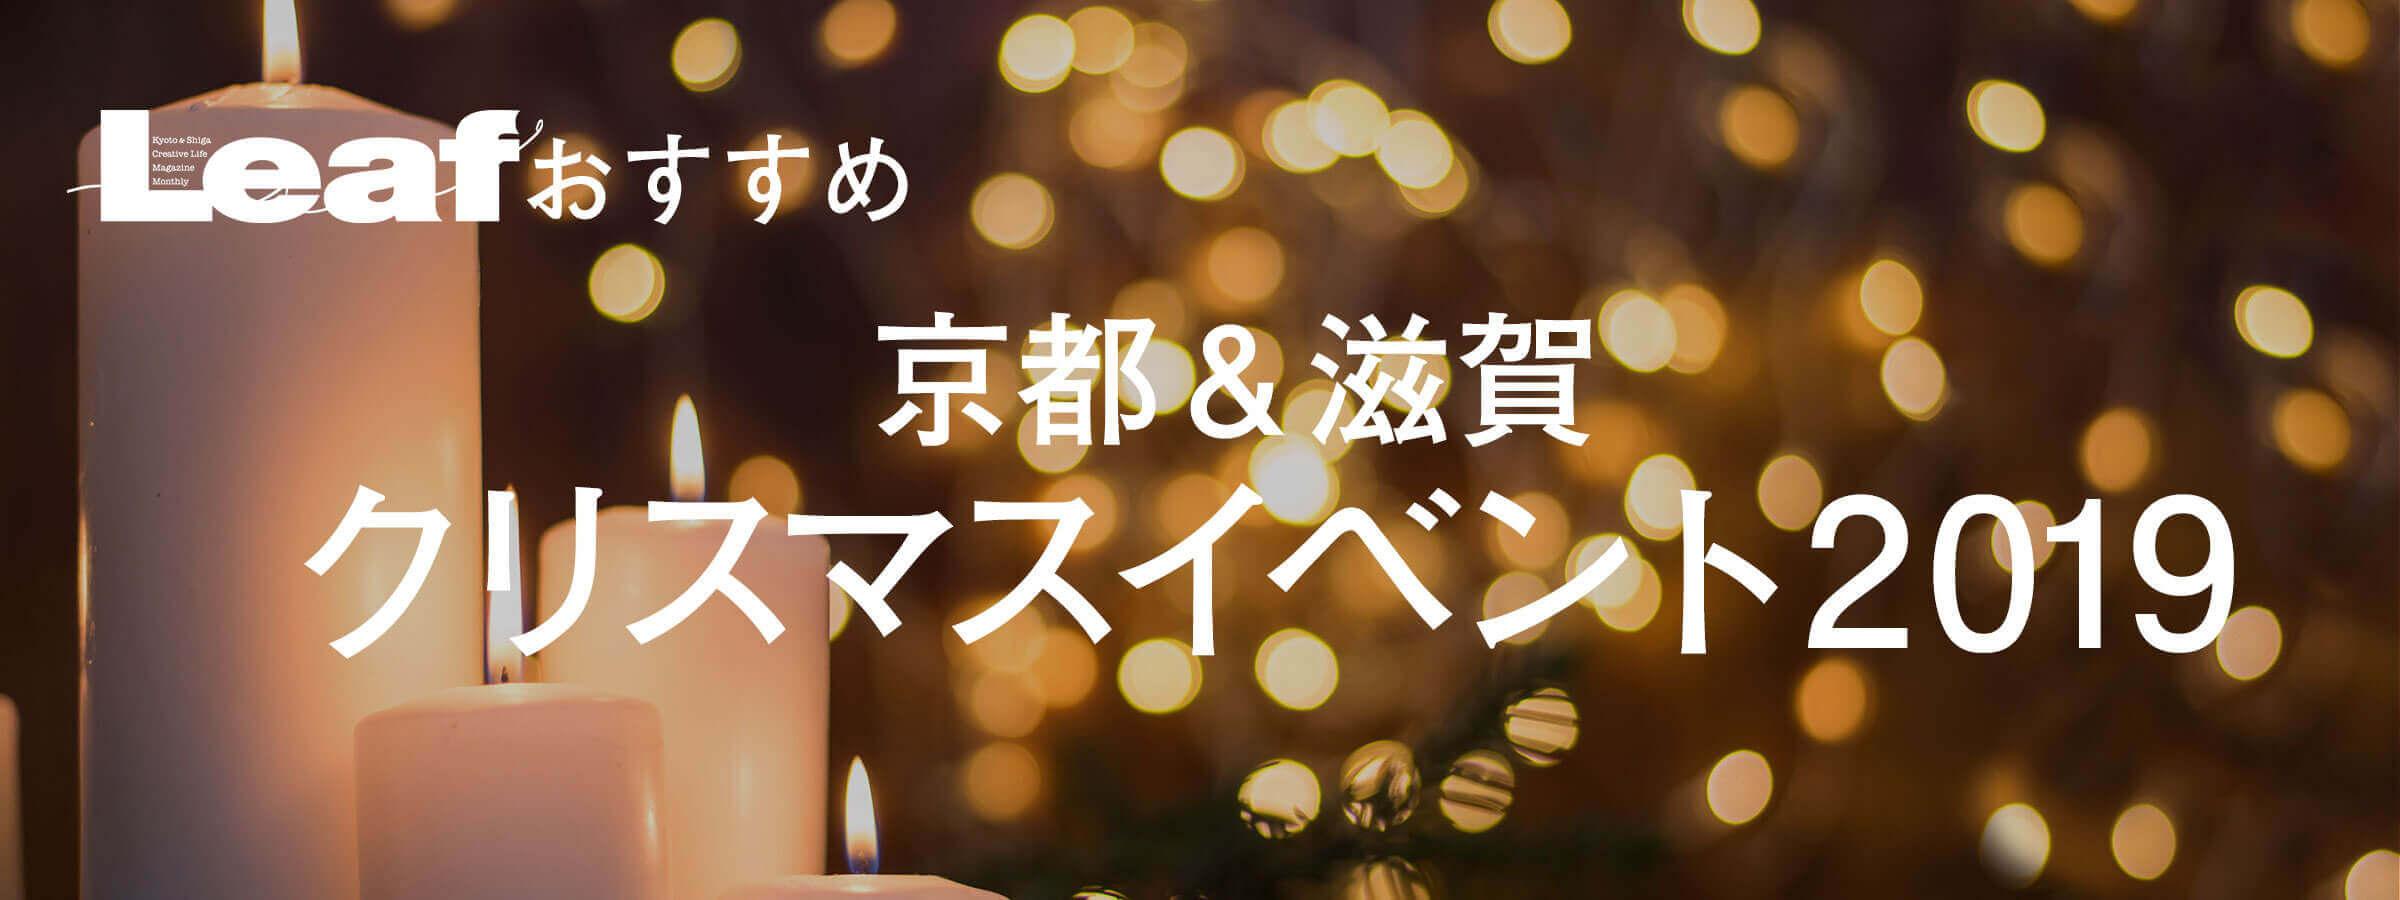 京都&滋賀 クリスマスイベント 2019